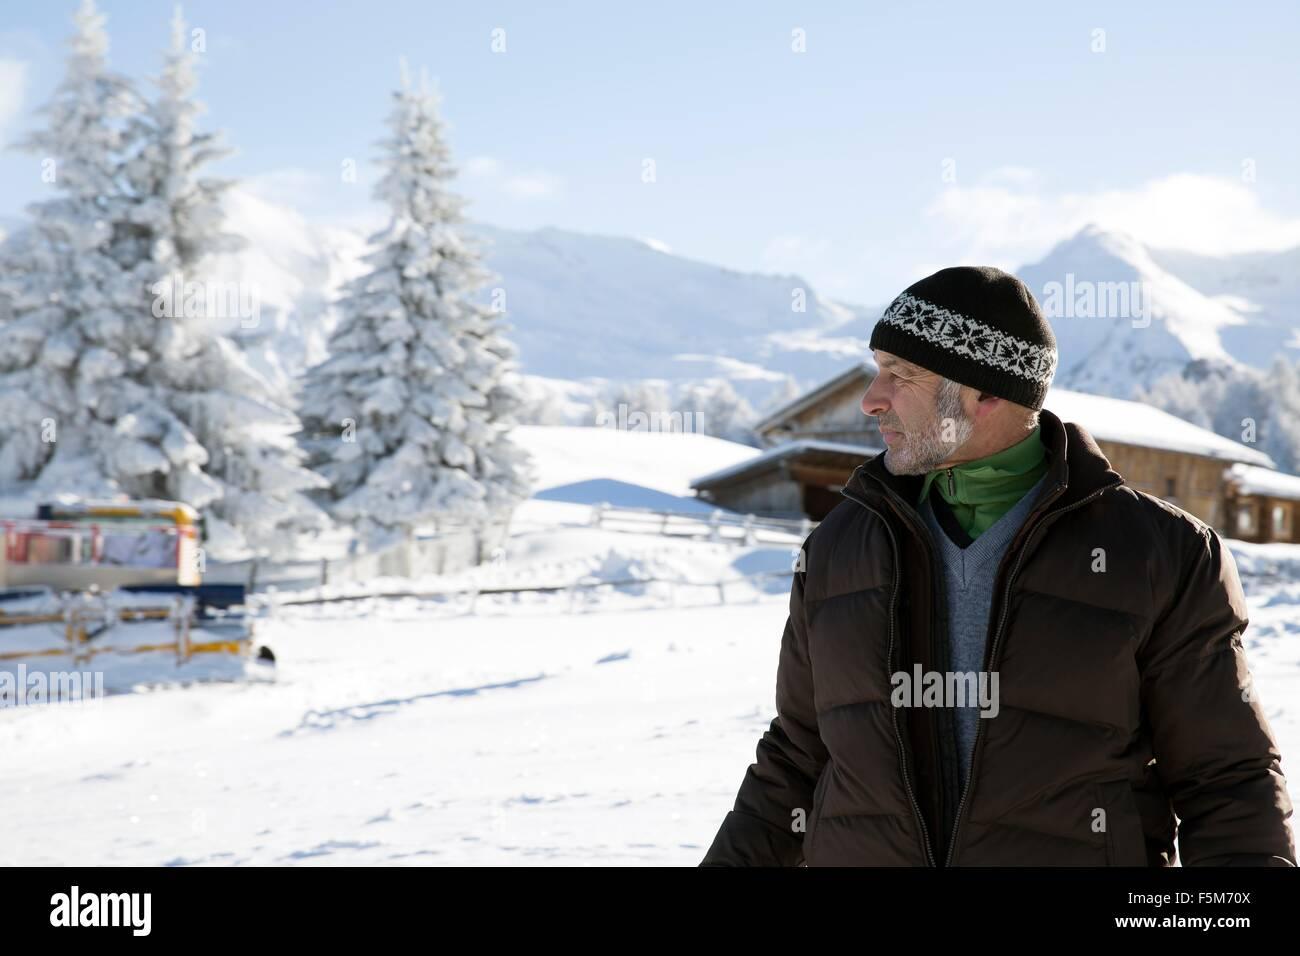 Cintura para arriba de altos árboles cubiertos de nieve y el hombre mirando lejos, Sattelbergalm, Tirol, Austria Imagen De Stock